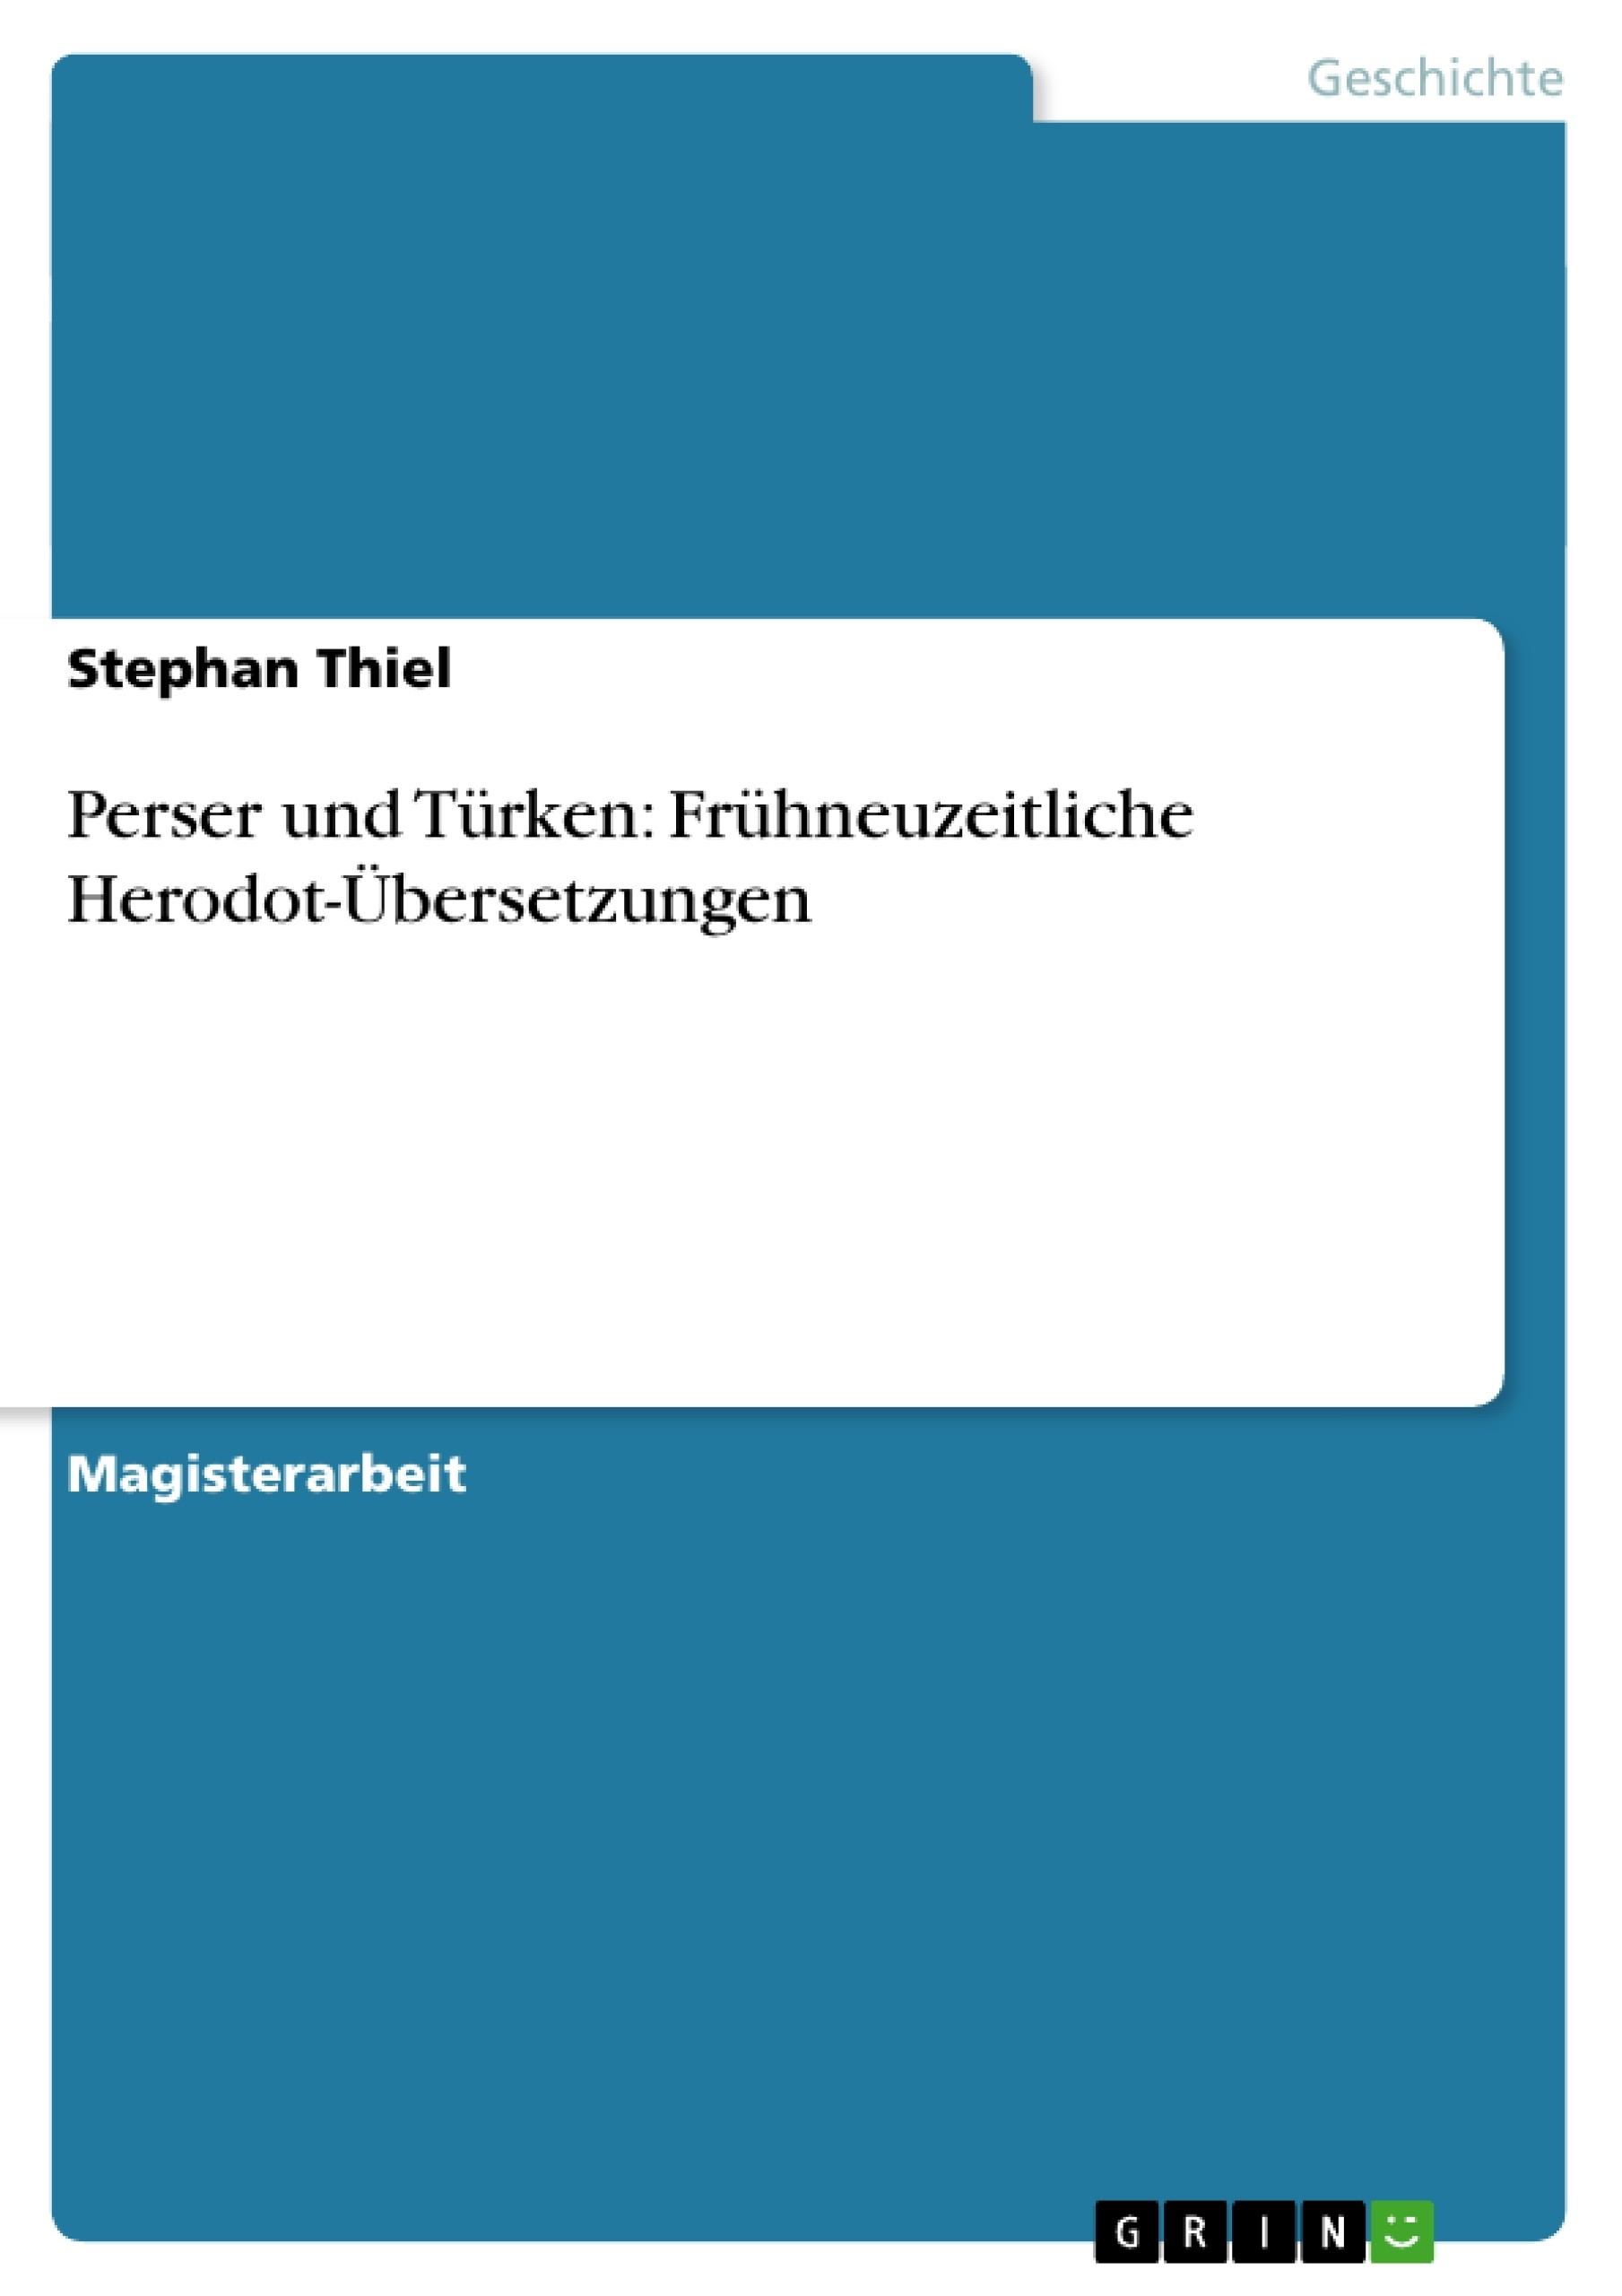 Titel: Perser und Türken: Frühneuzeitliche Herodot-Übersetzungen